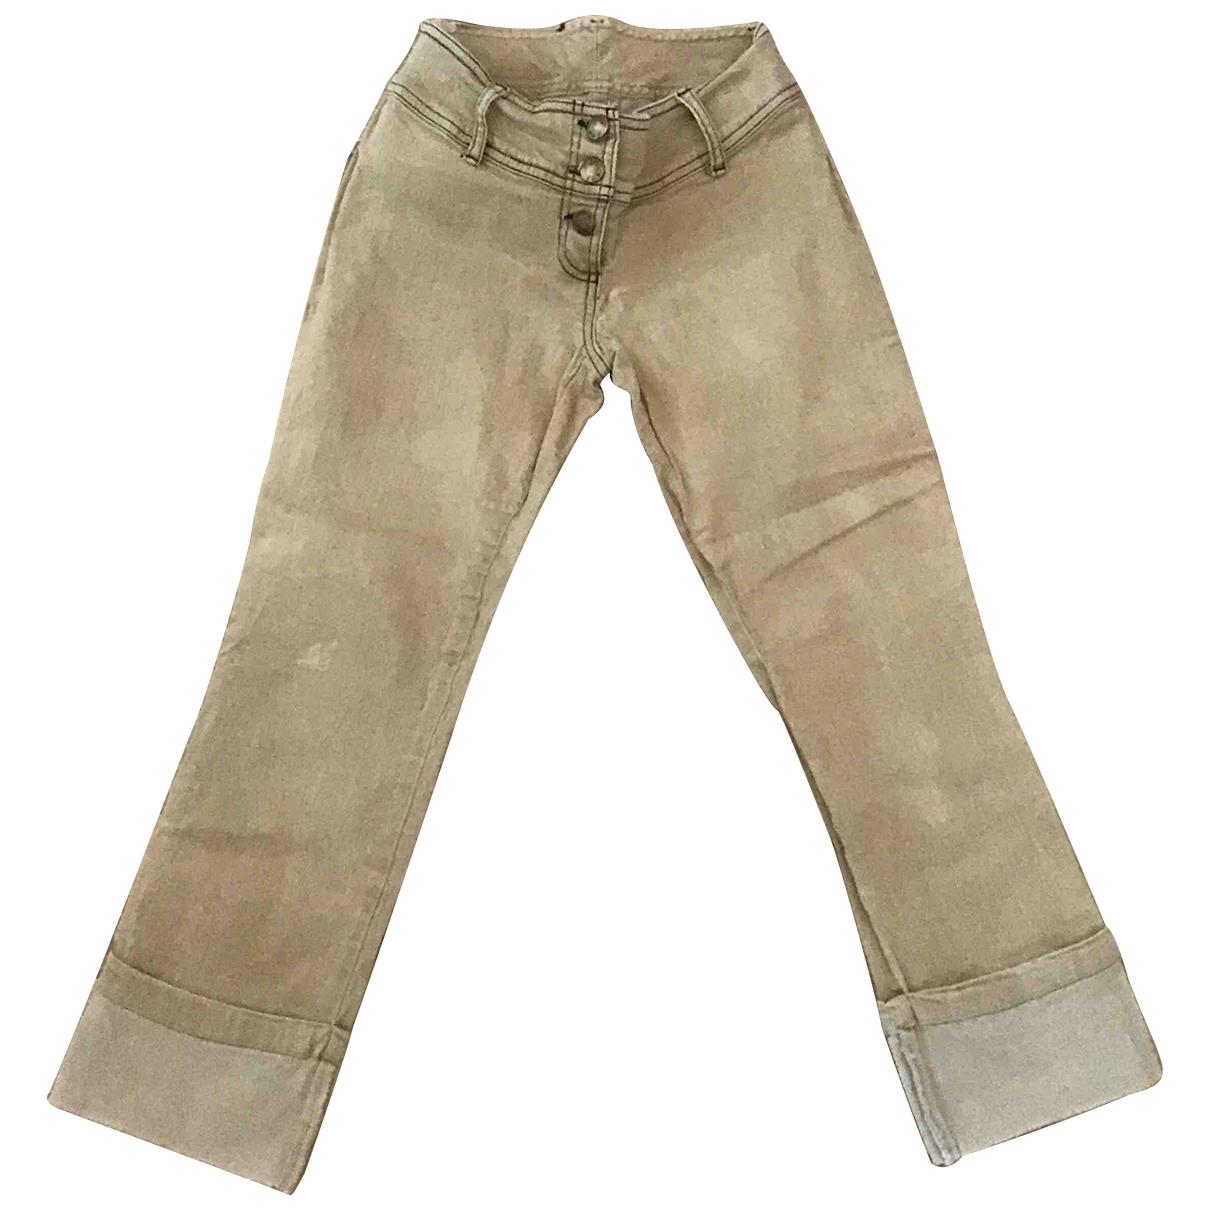 Pantalon recto Plein Sud